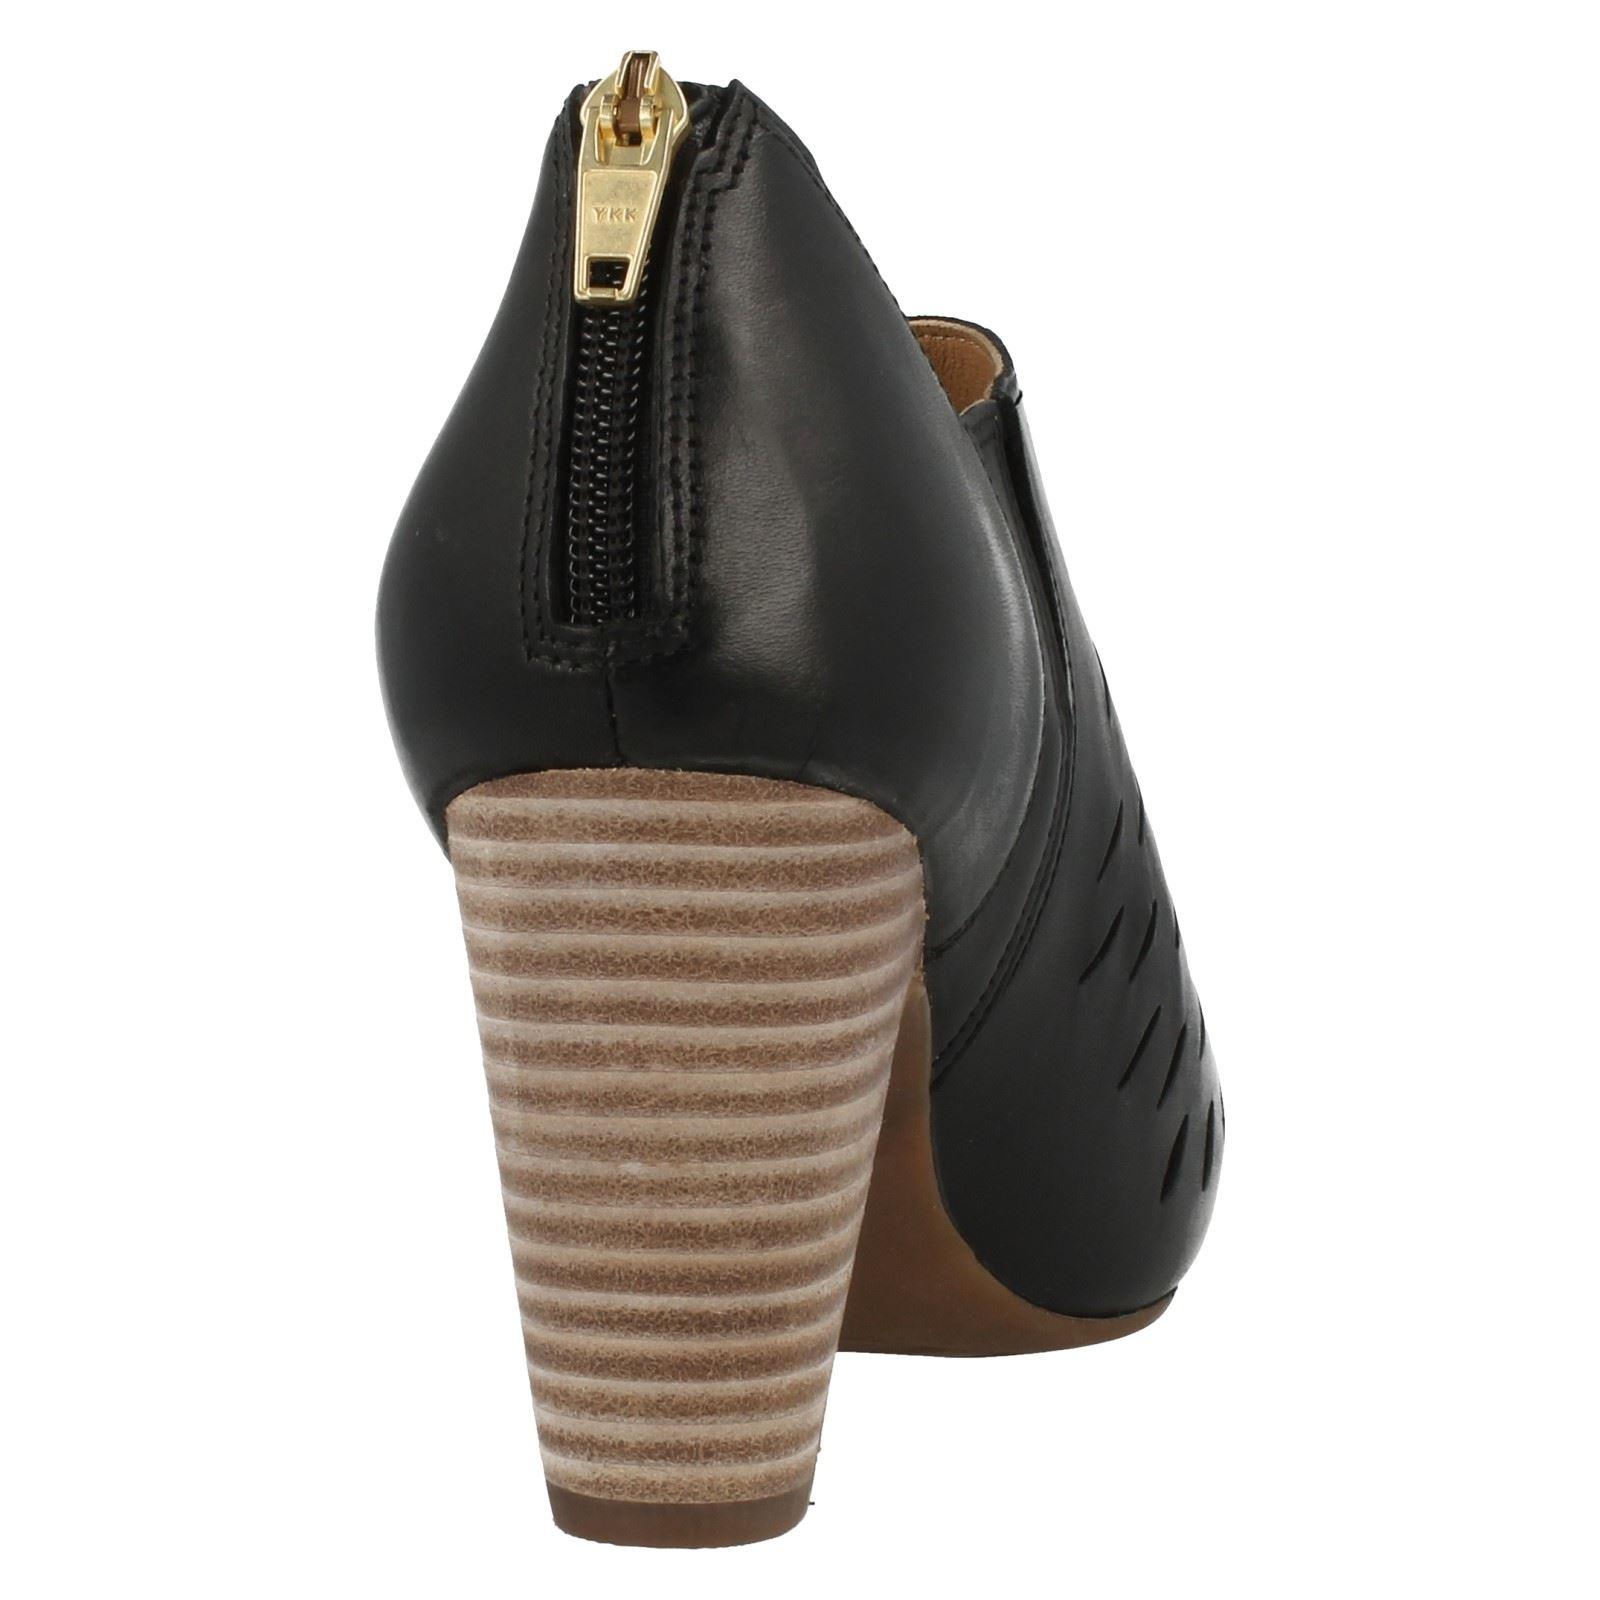 Ladies-Clarks-Peep-Toe-Heeled-Mules-Okena-Posh